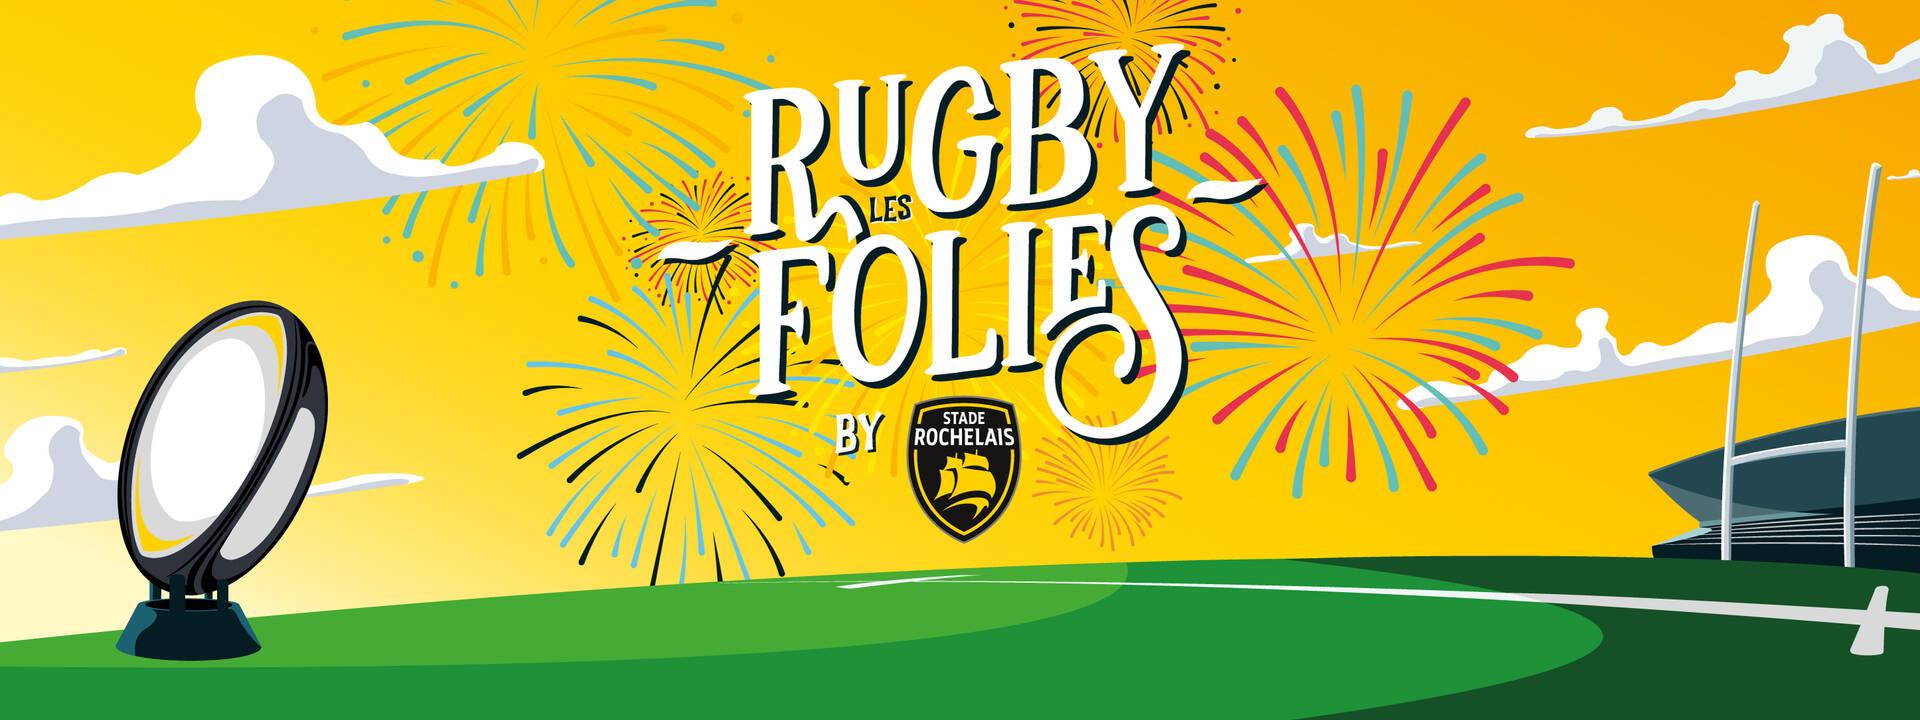 Les Rugbyfolies, la fête du rugby à Deflandre !